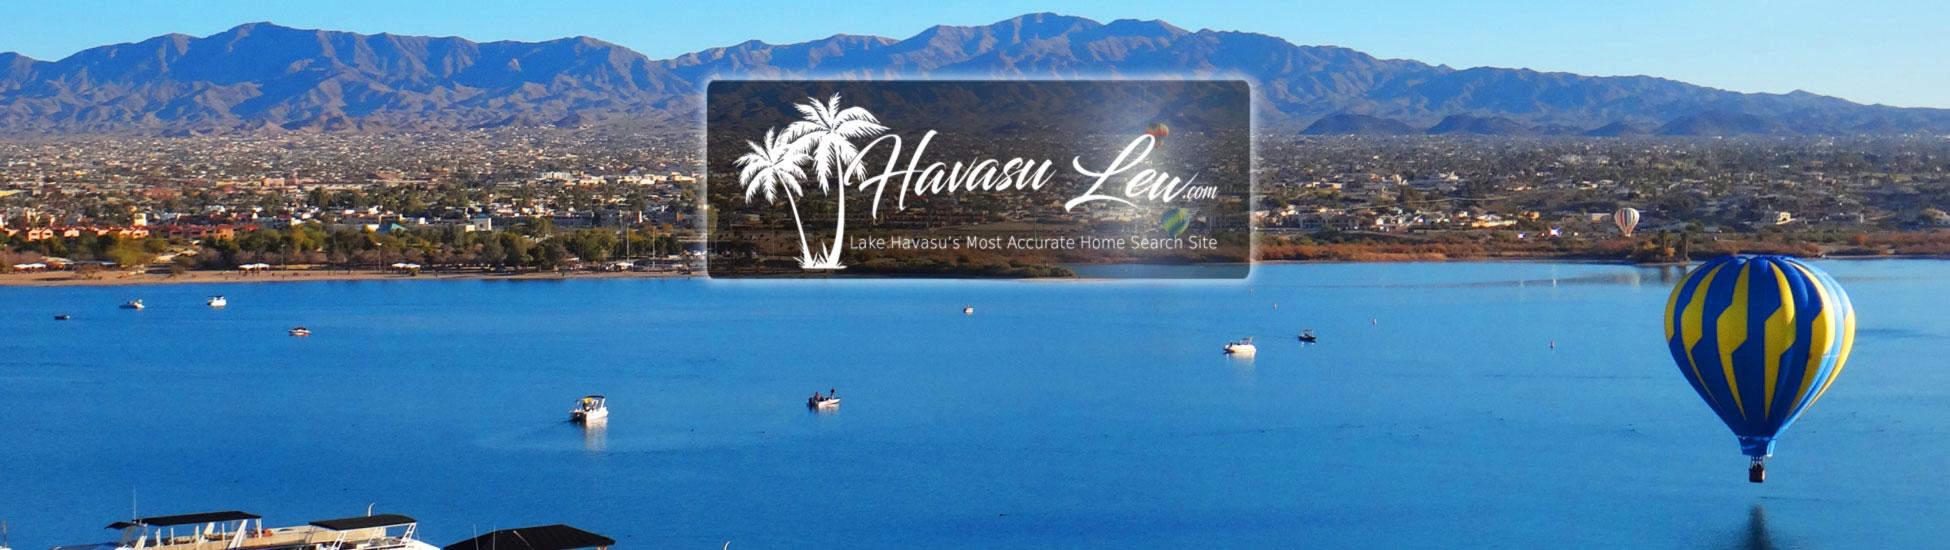 Lake Havasu Real Estate - Lew Jabro Realtor logo